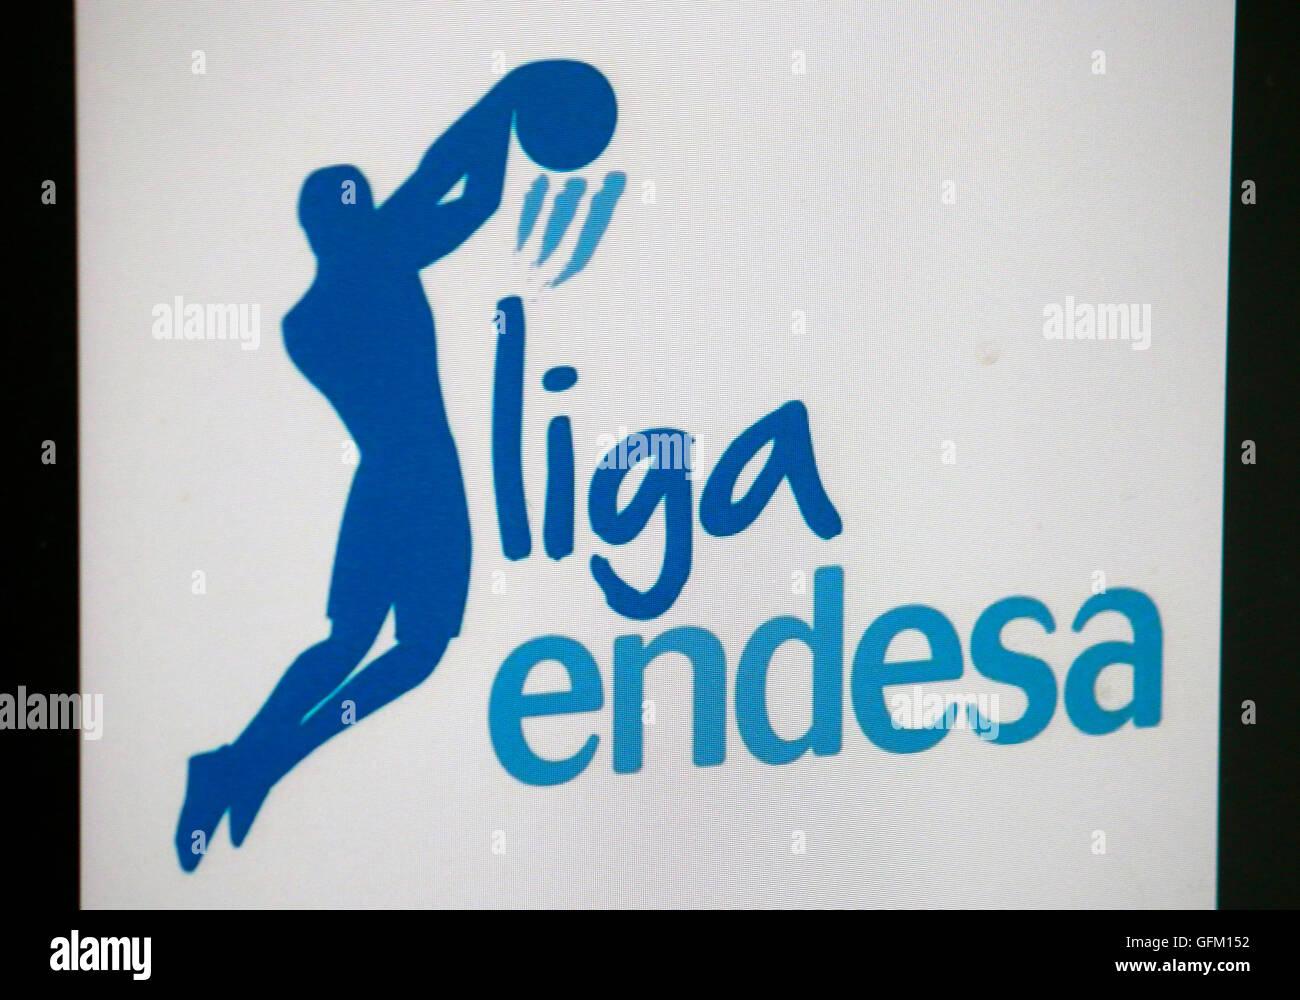 Loge der Marke 'Liga Endesa', Berlin. - Stock Image